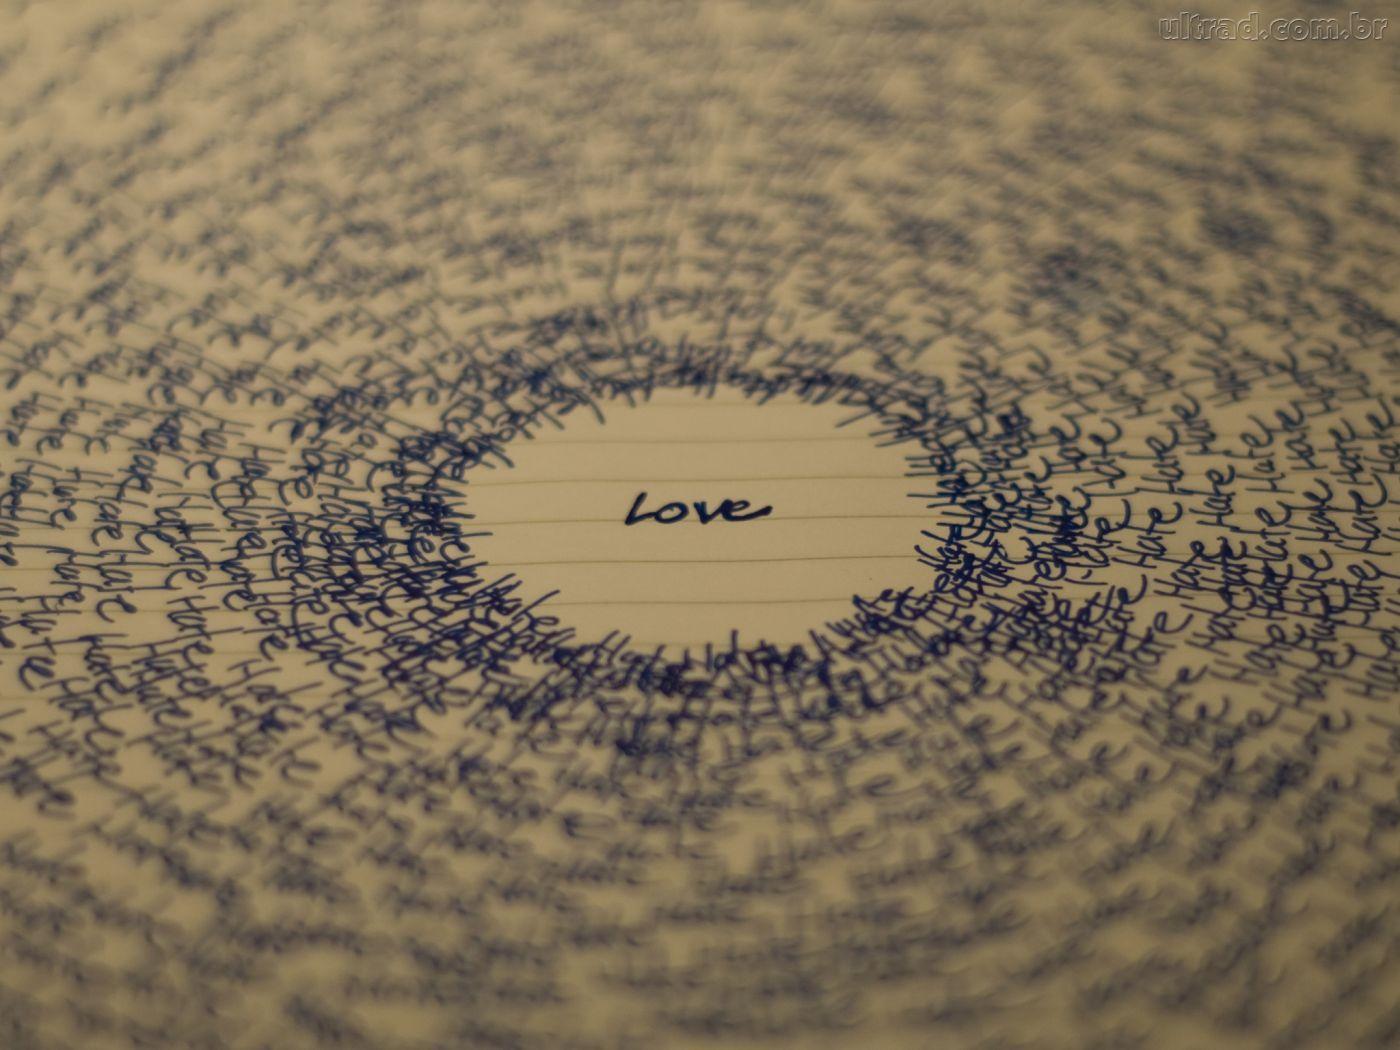 273779_Papel-de-Parede-Amor-e-Odio--273779_1400x1050